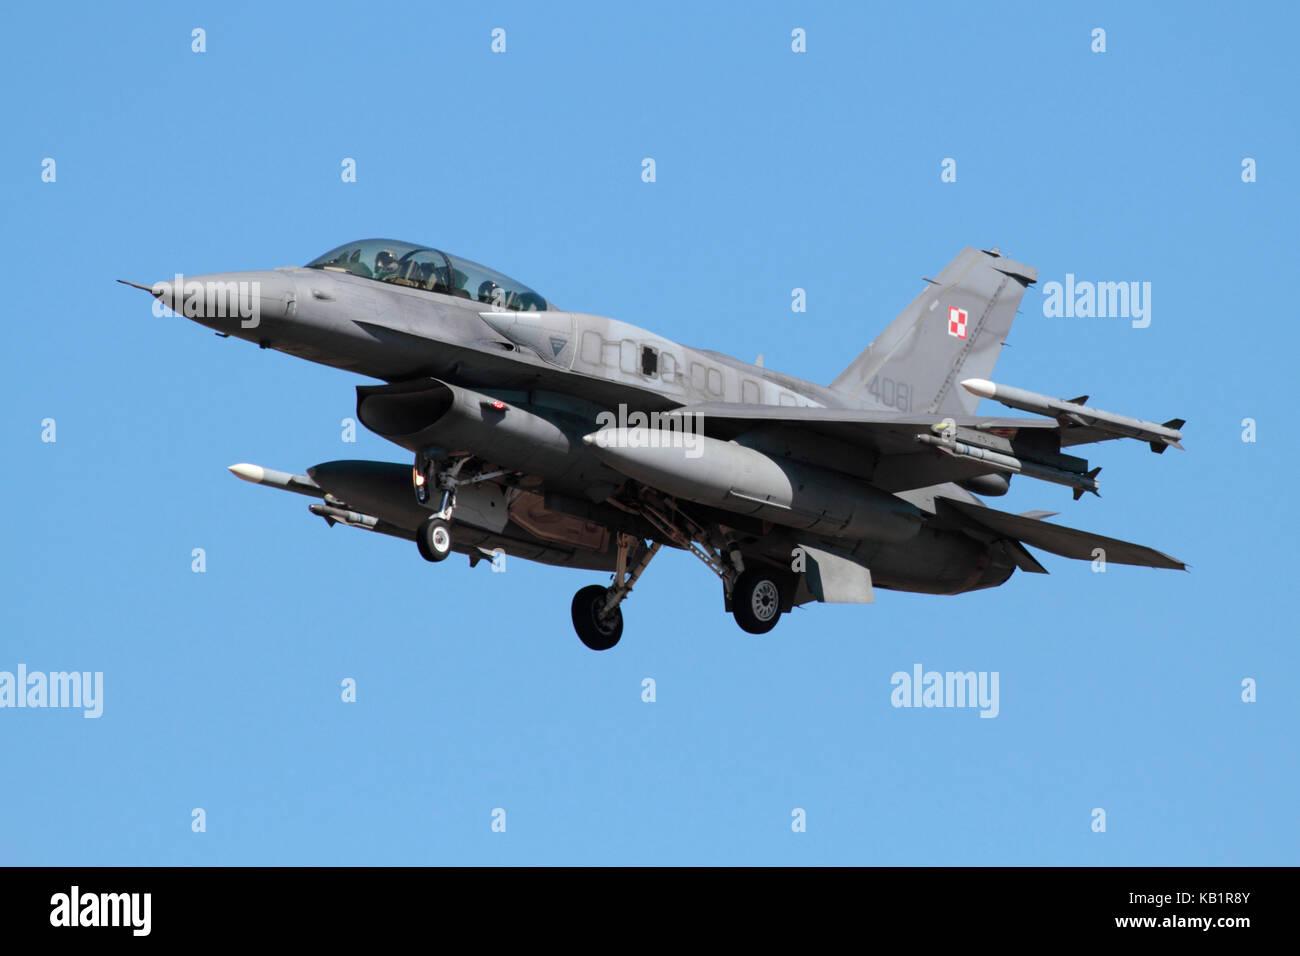 Aviones militares modernos. Avión de combate F-16D de la Fuerza Aérea Polaca en Approach, equipado con tanques de combustible conformados (CFTs) en el fuselaje Foto de stock